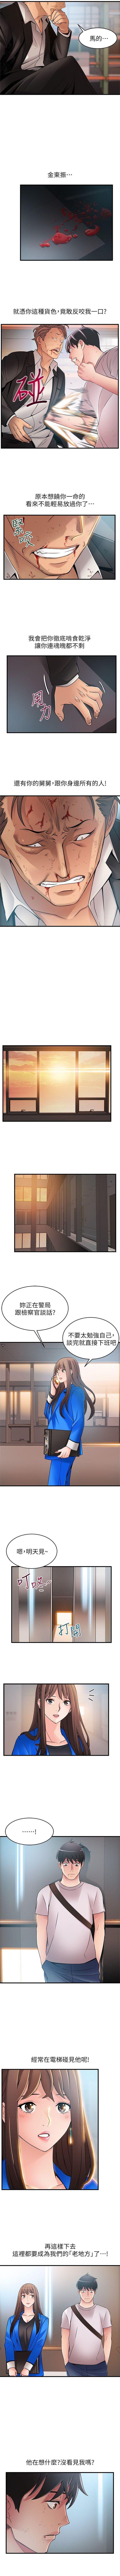 弱点 1-64 中文翻译(更新中) 181